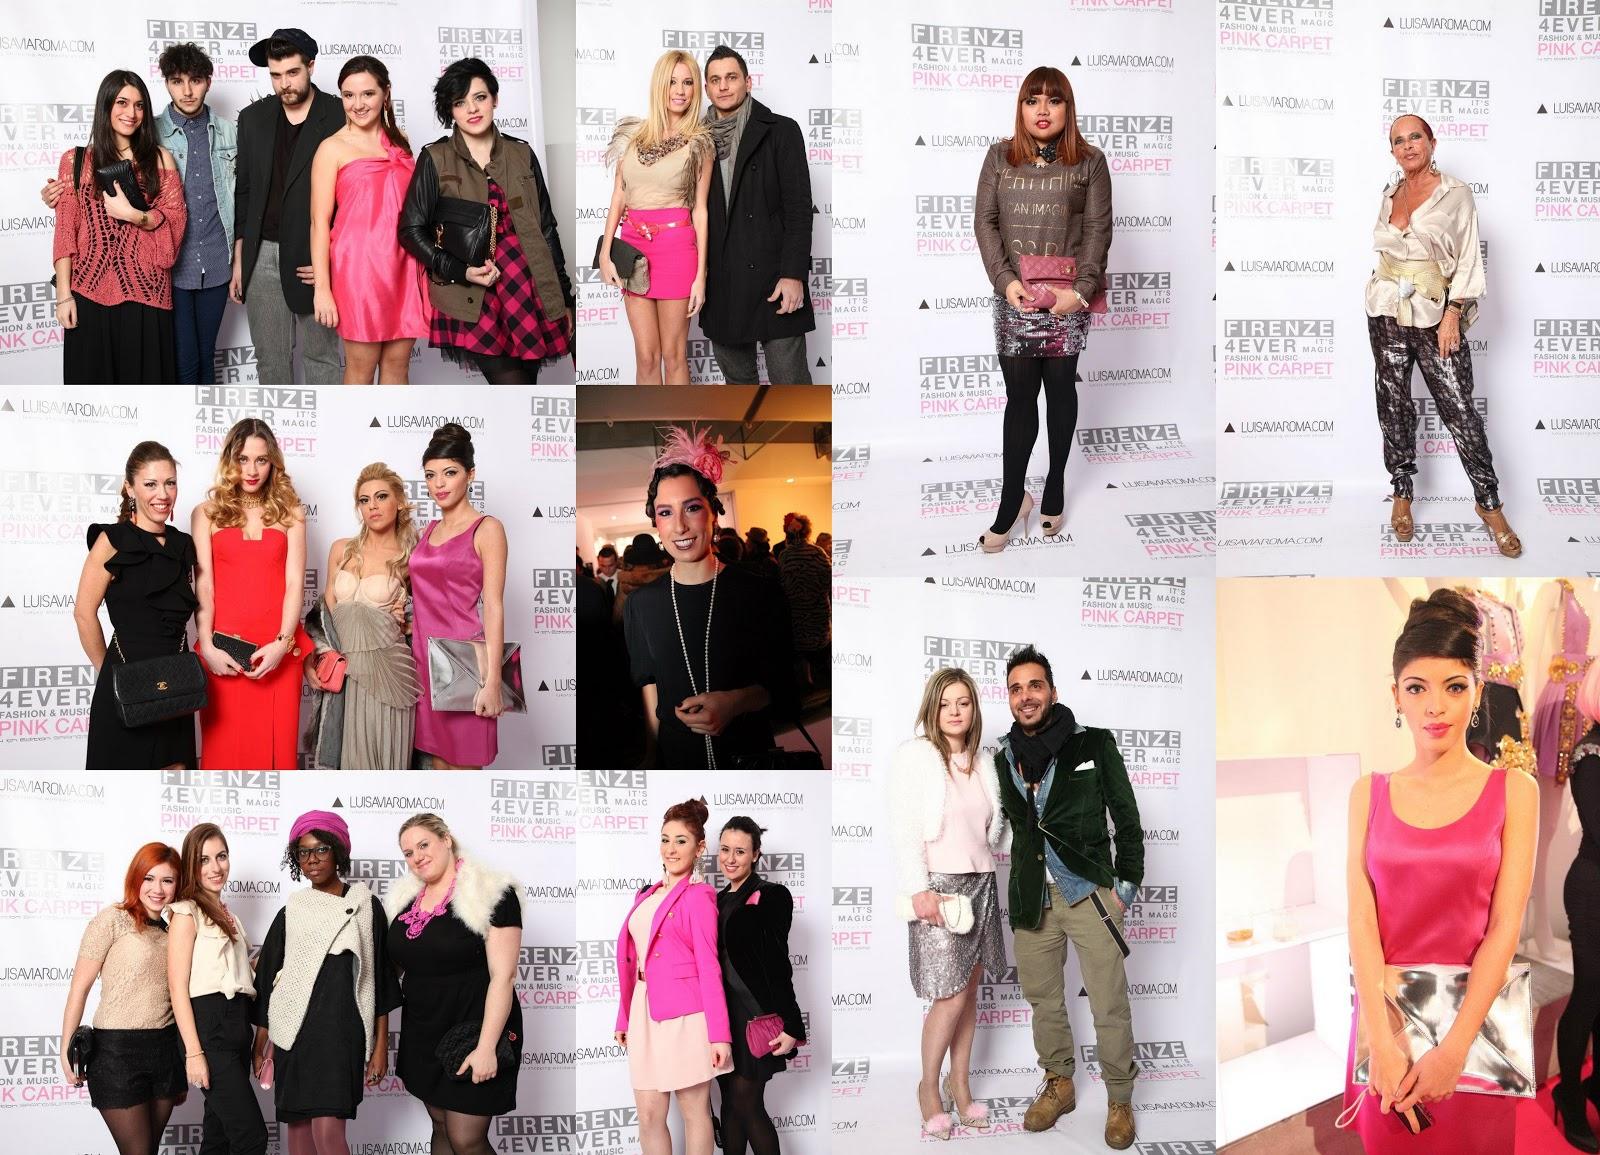 Luisa ViaRoma Firenze 4Ever Pink Carpet: Le Pagelle di Stile